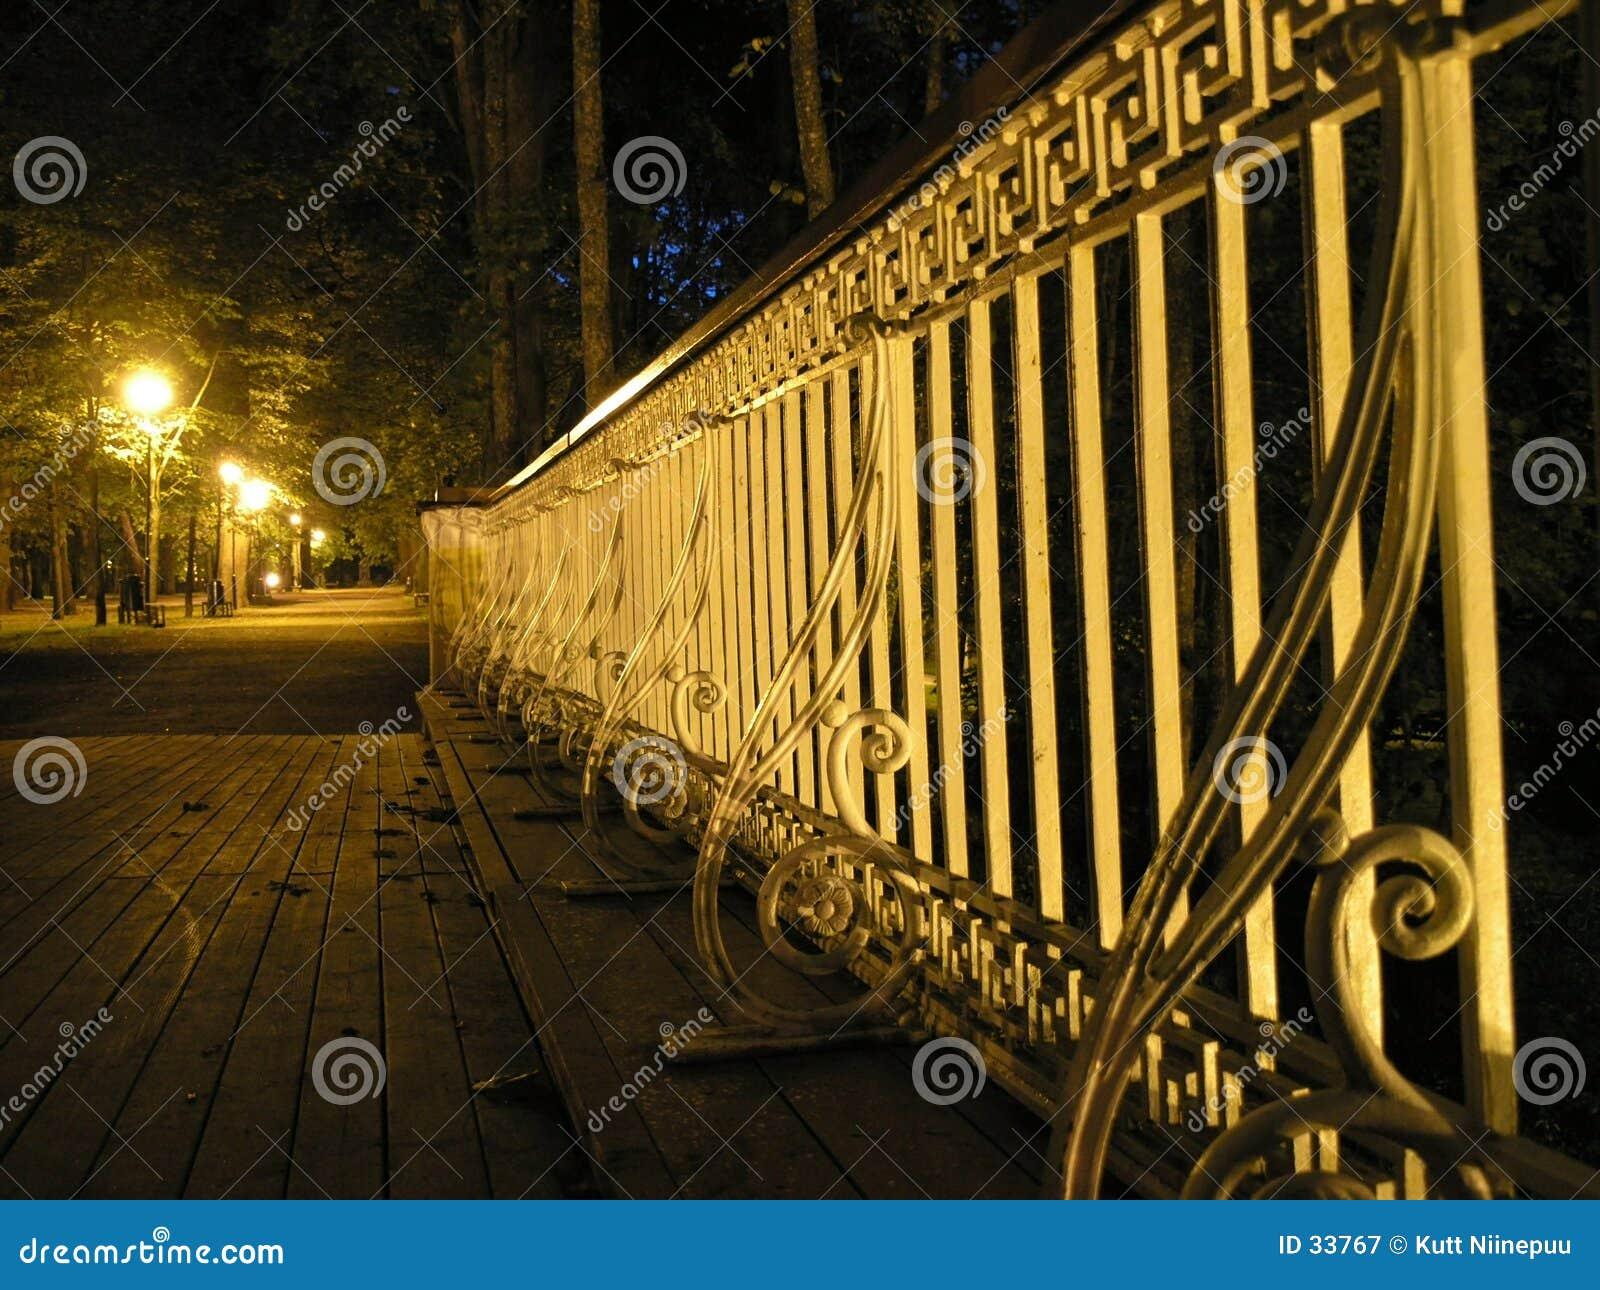 Bridge night railing